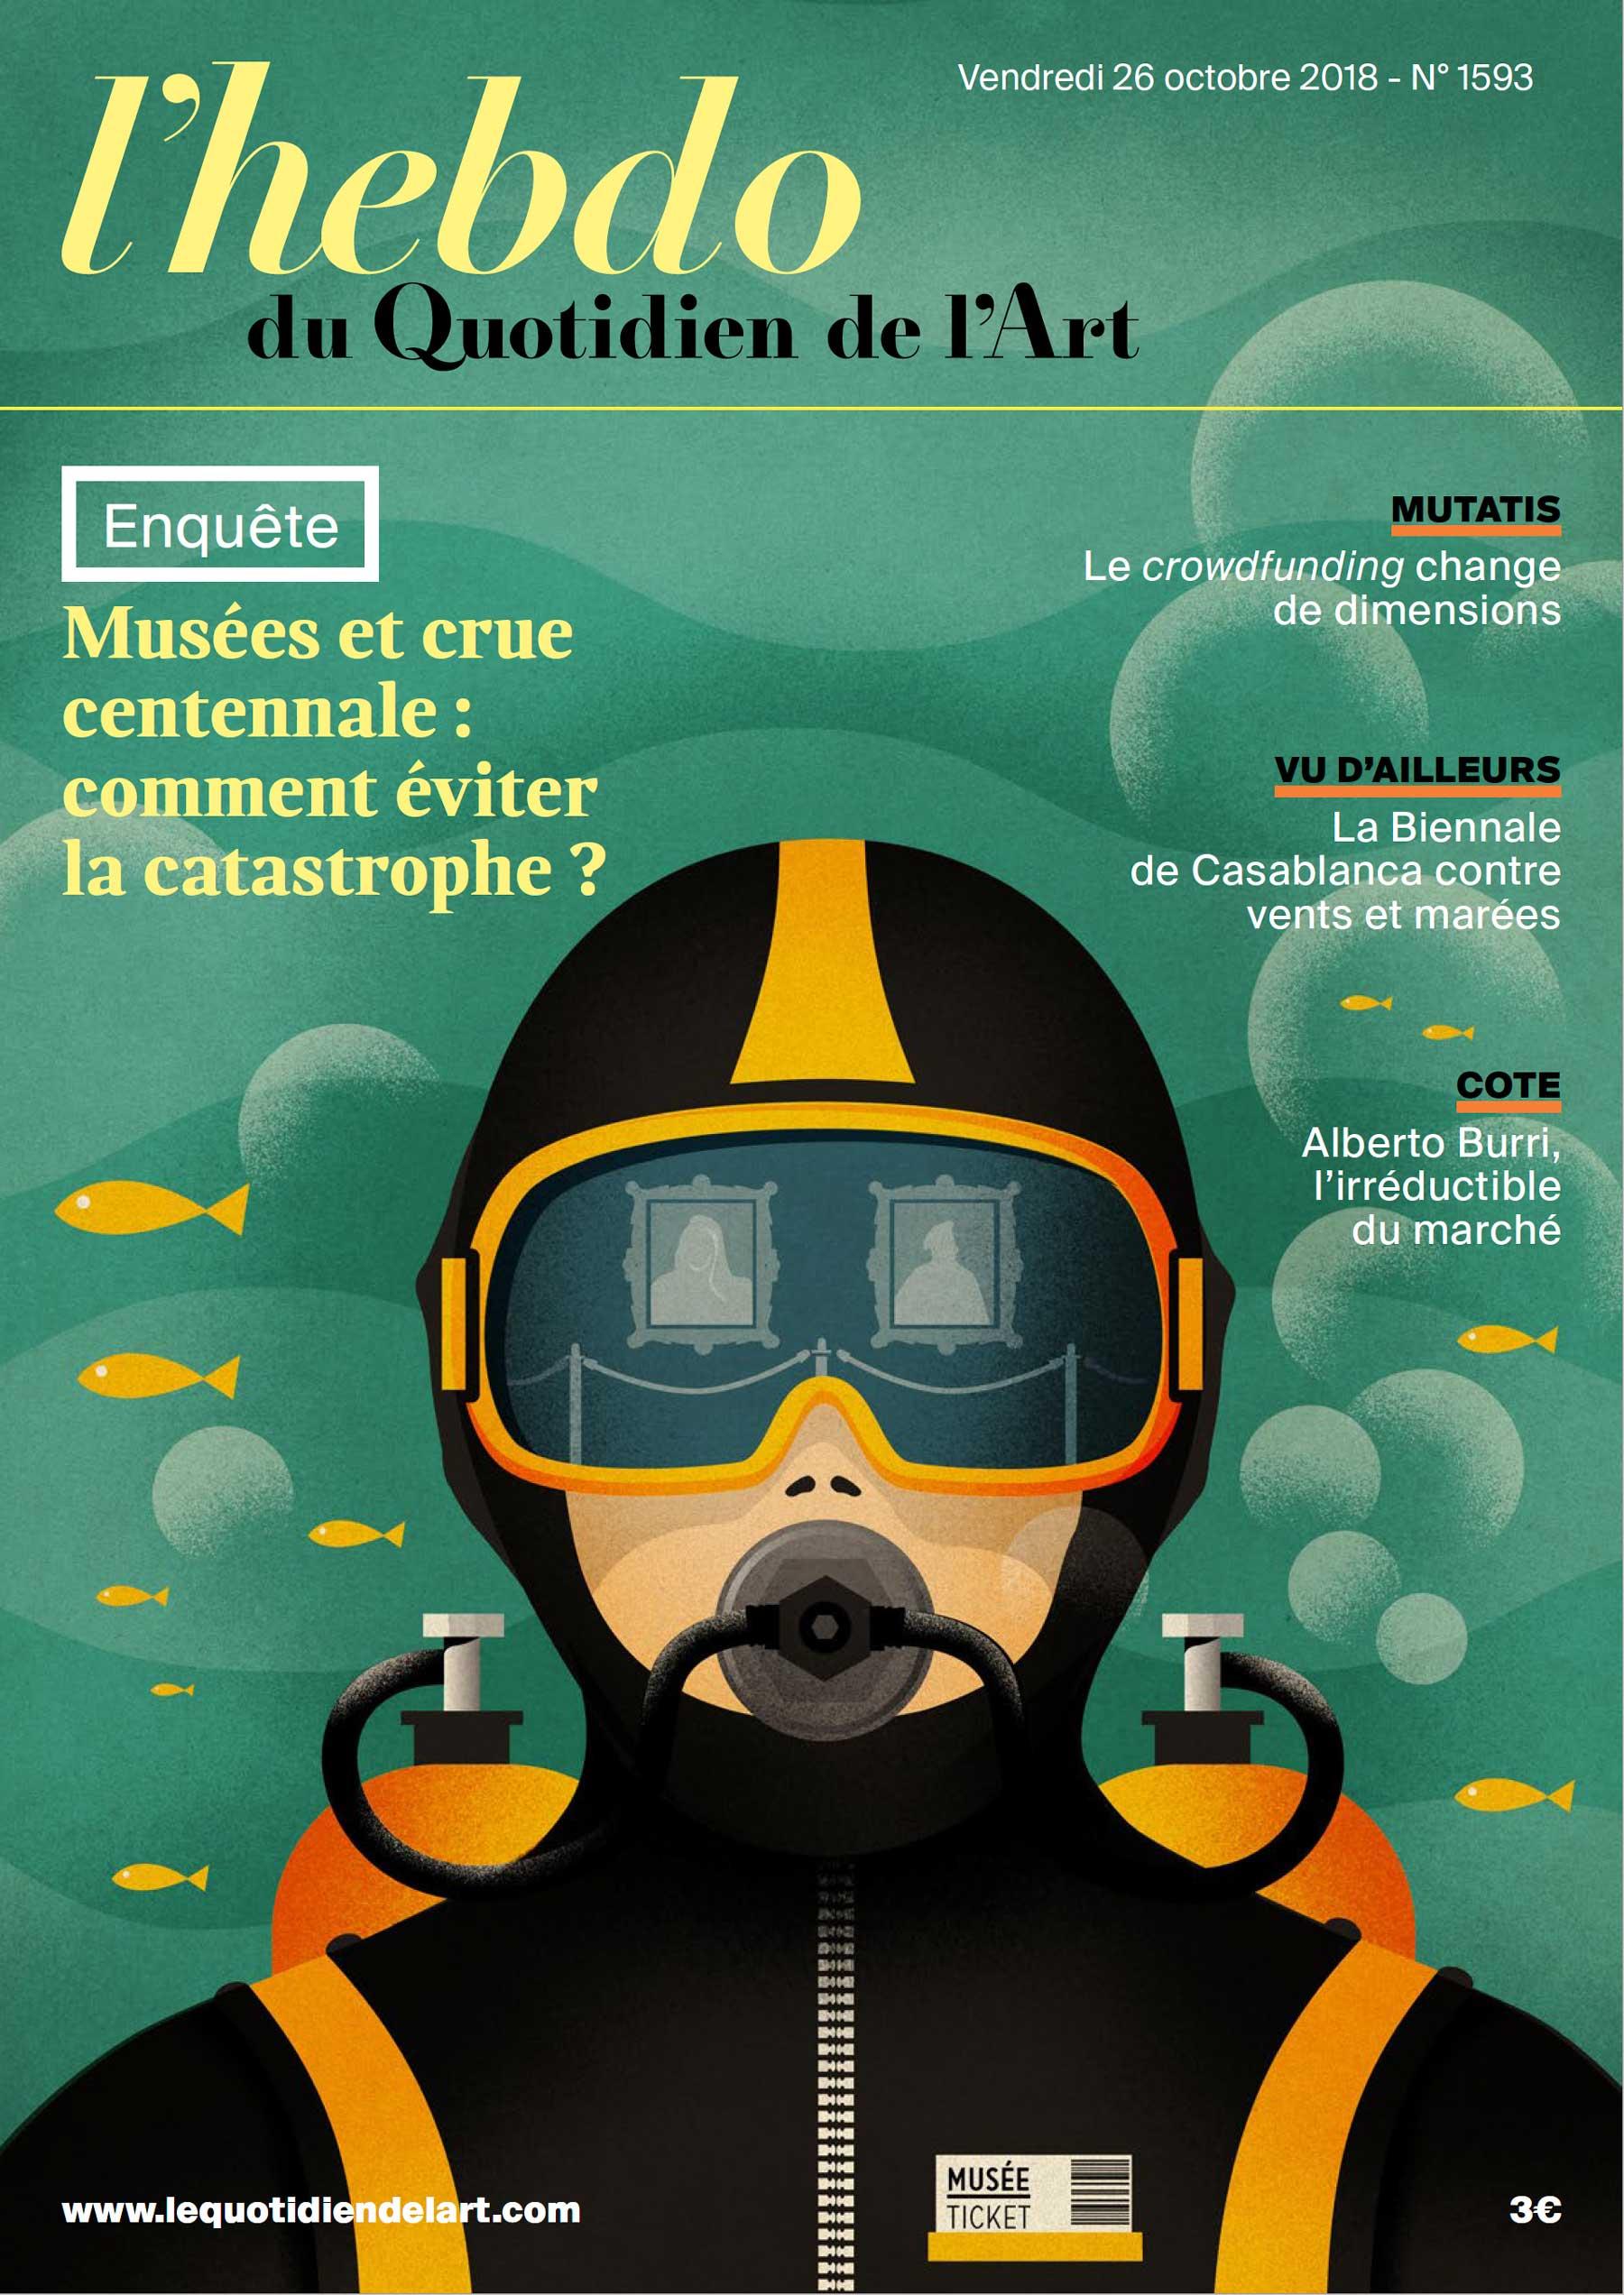 enquête musées et crue centennale pascal klein megasecureurope water-gate